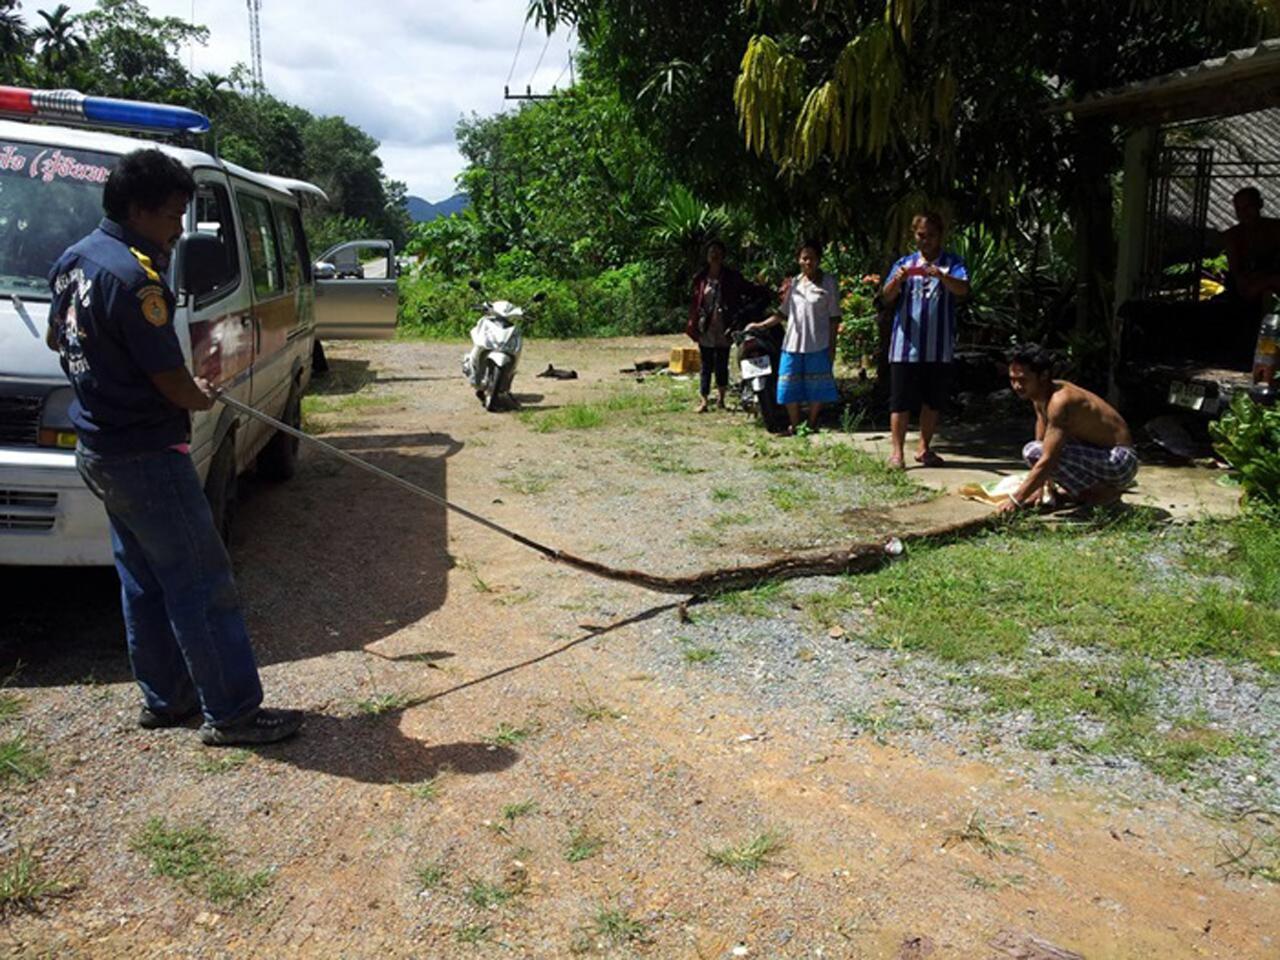 จนท. จับงูเหลือมตัวยาว 4 ม. ที่เข้าไปเขมือบไก่ ชาวบ้าน